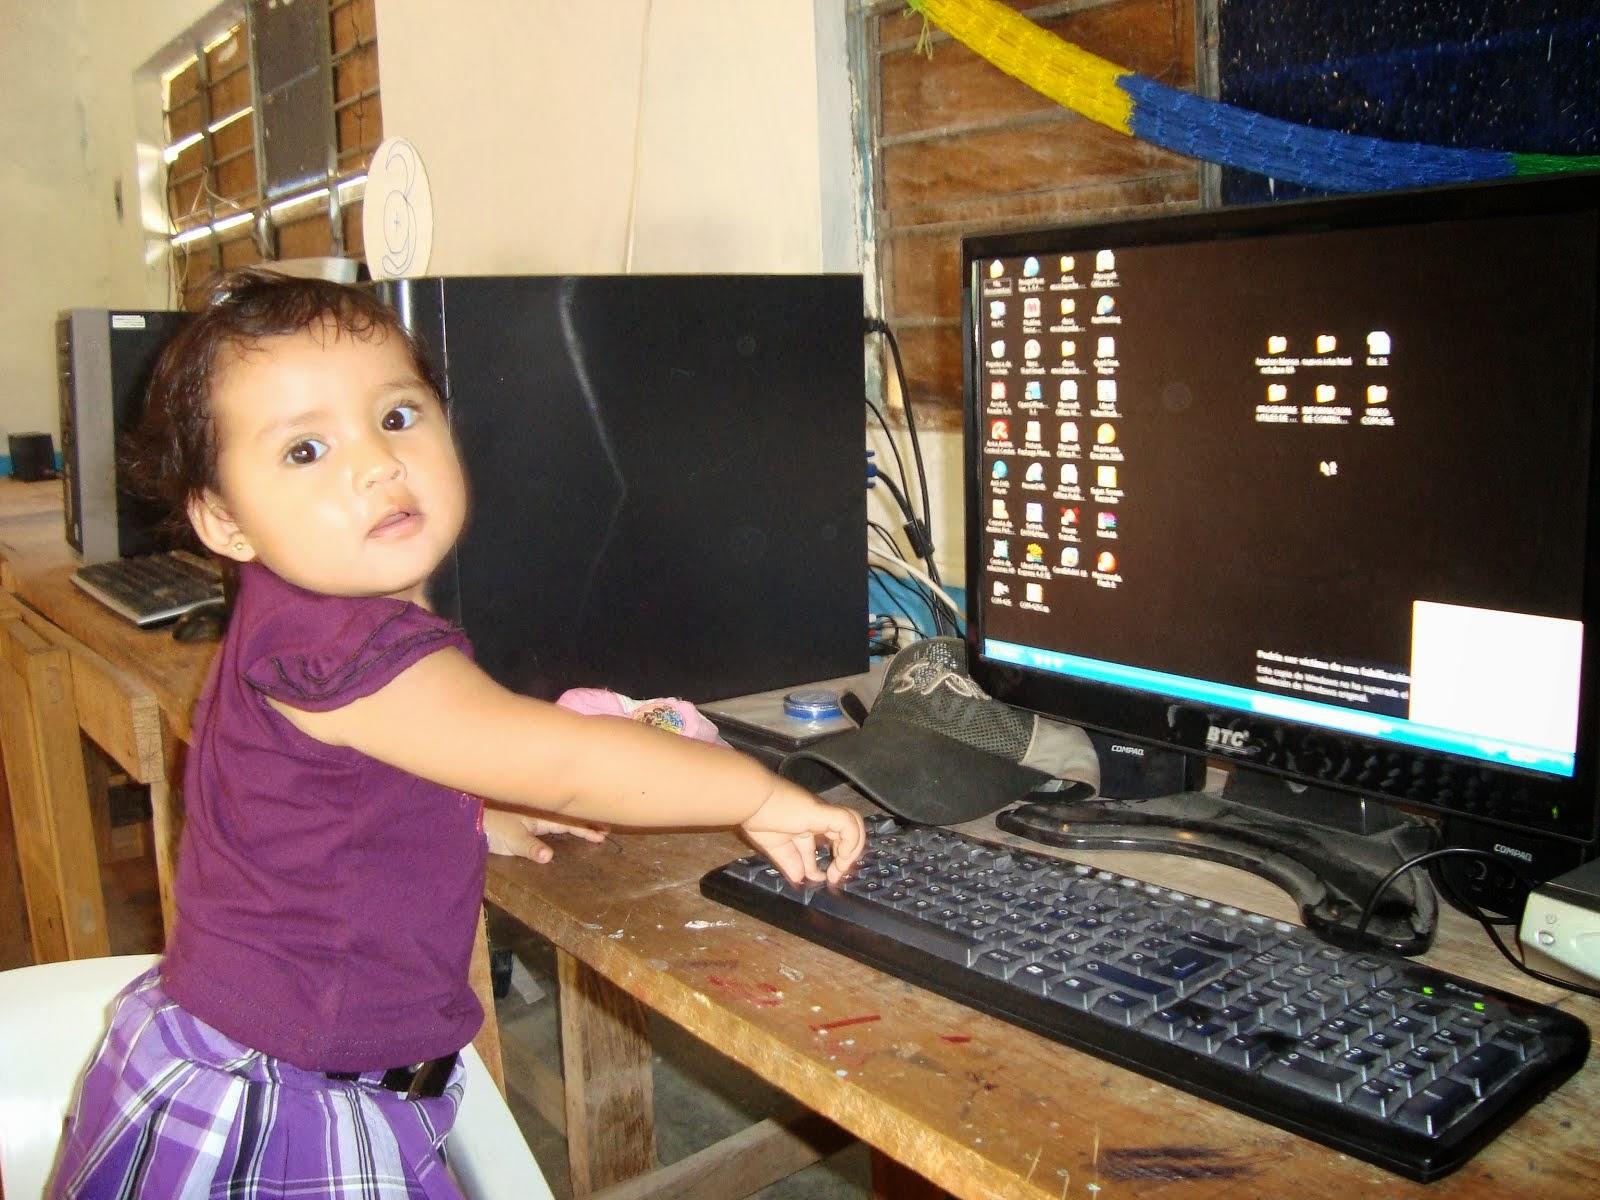 LA INFANCIA Y LA TECNOLOGIA